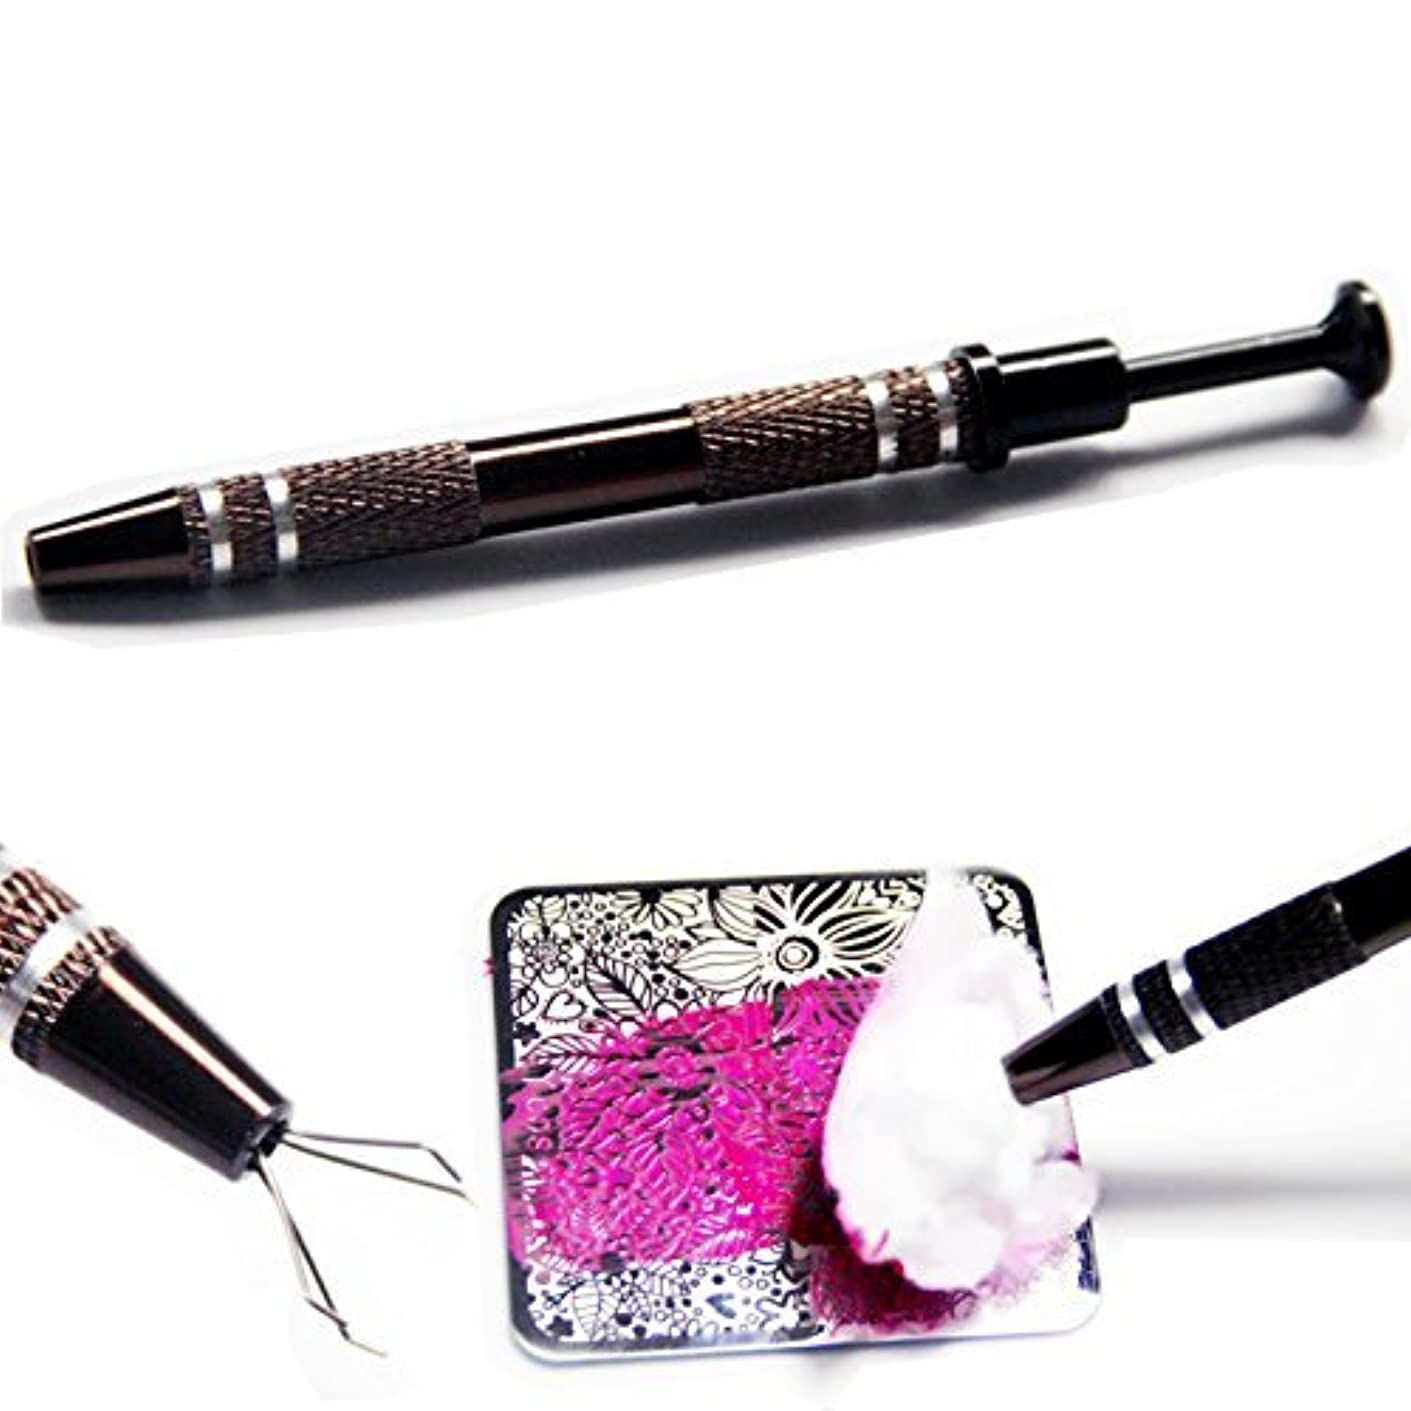 真夜中森林相対サイズイメージプレートクリーニングペン コットンキャッチペン スタンピングネイルツールネイルアートネイル用品